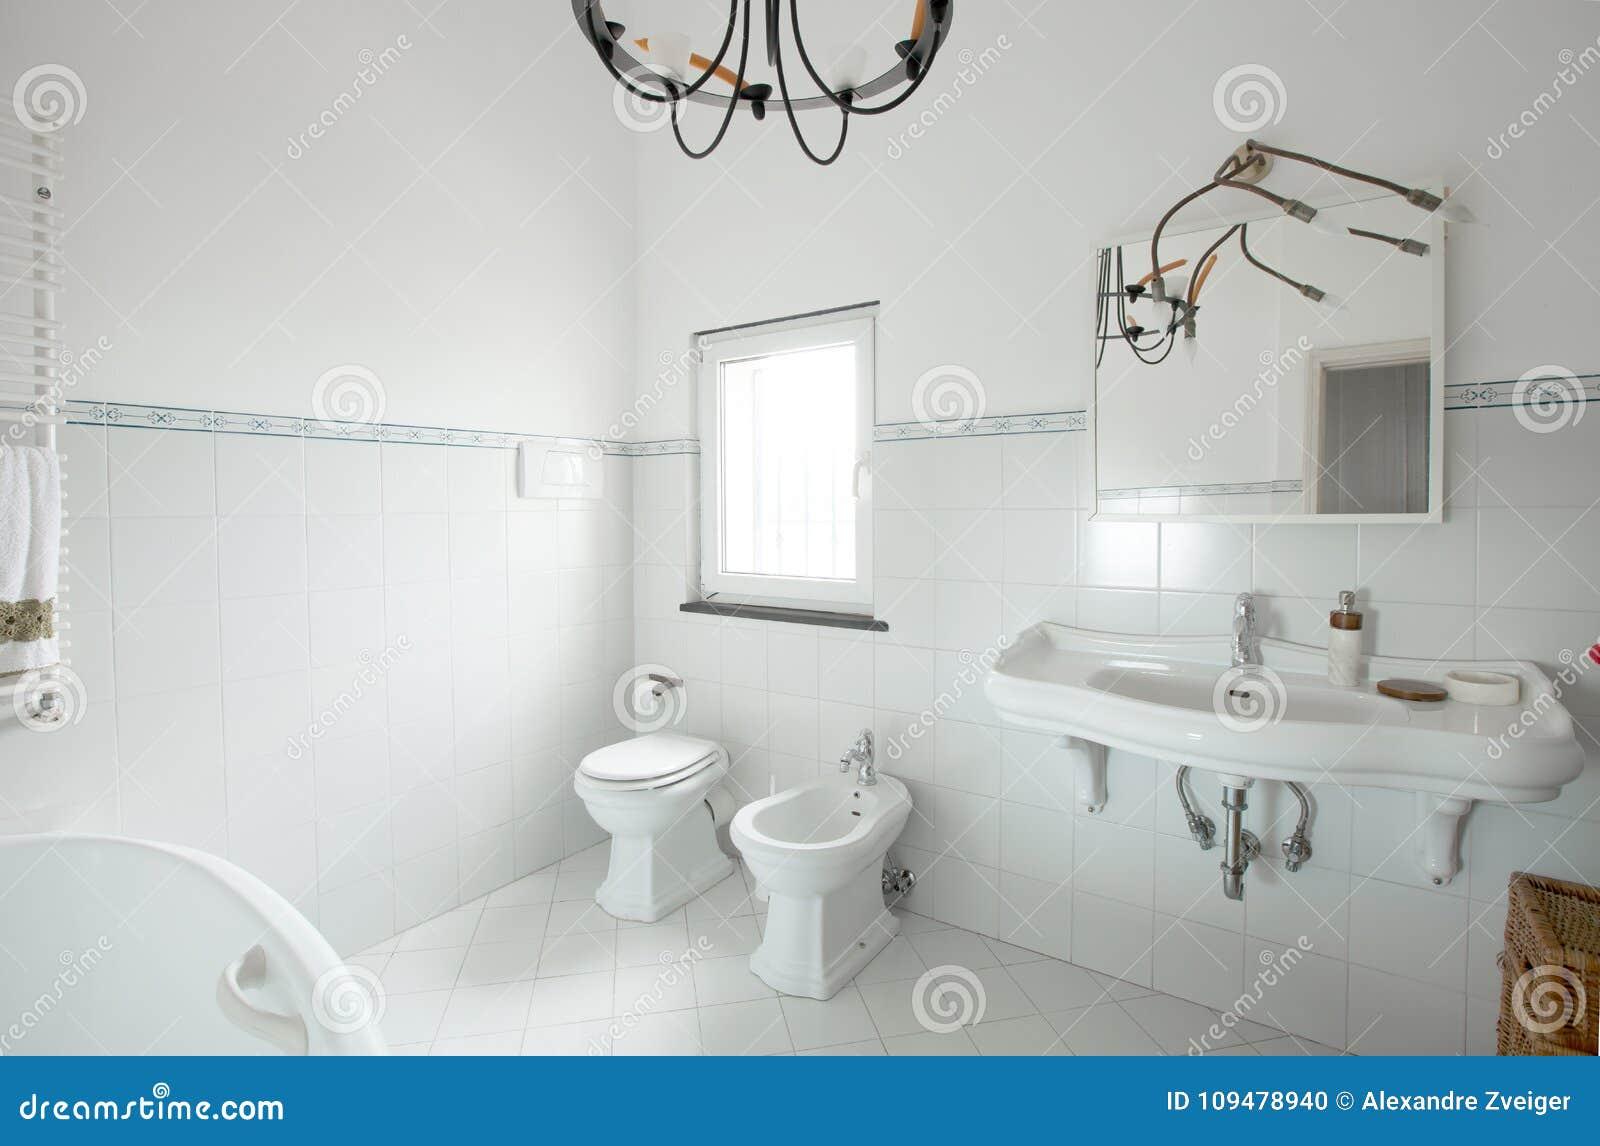 Binnenlandse flat, witte badkamerswhit tegel